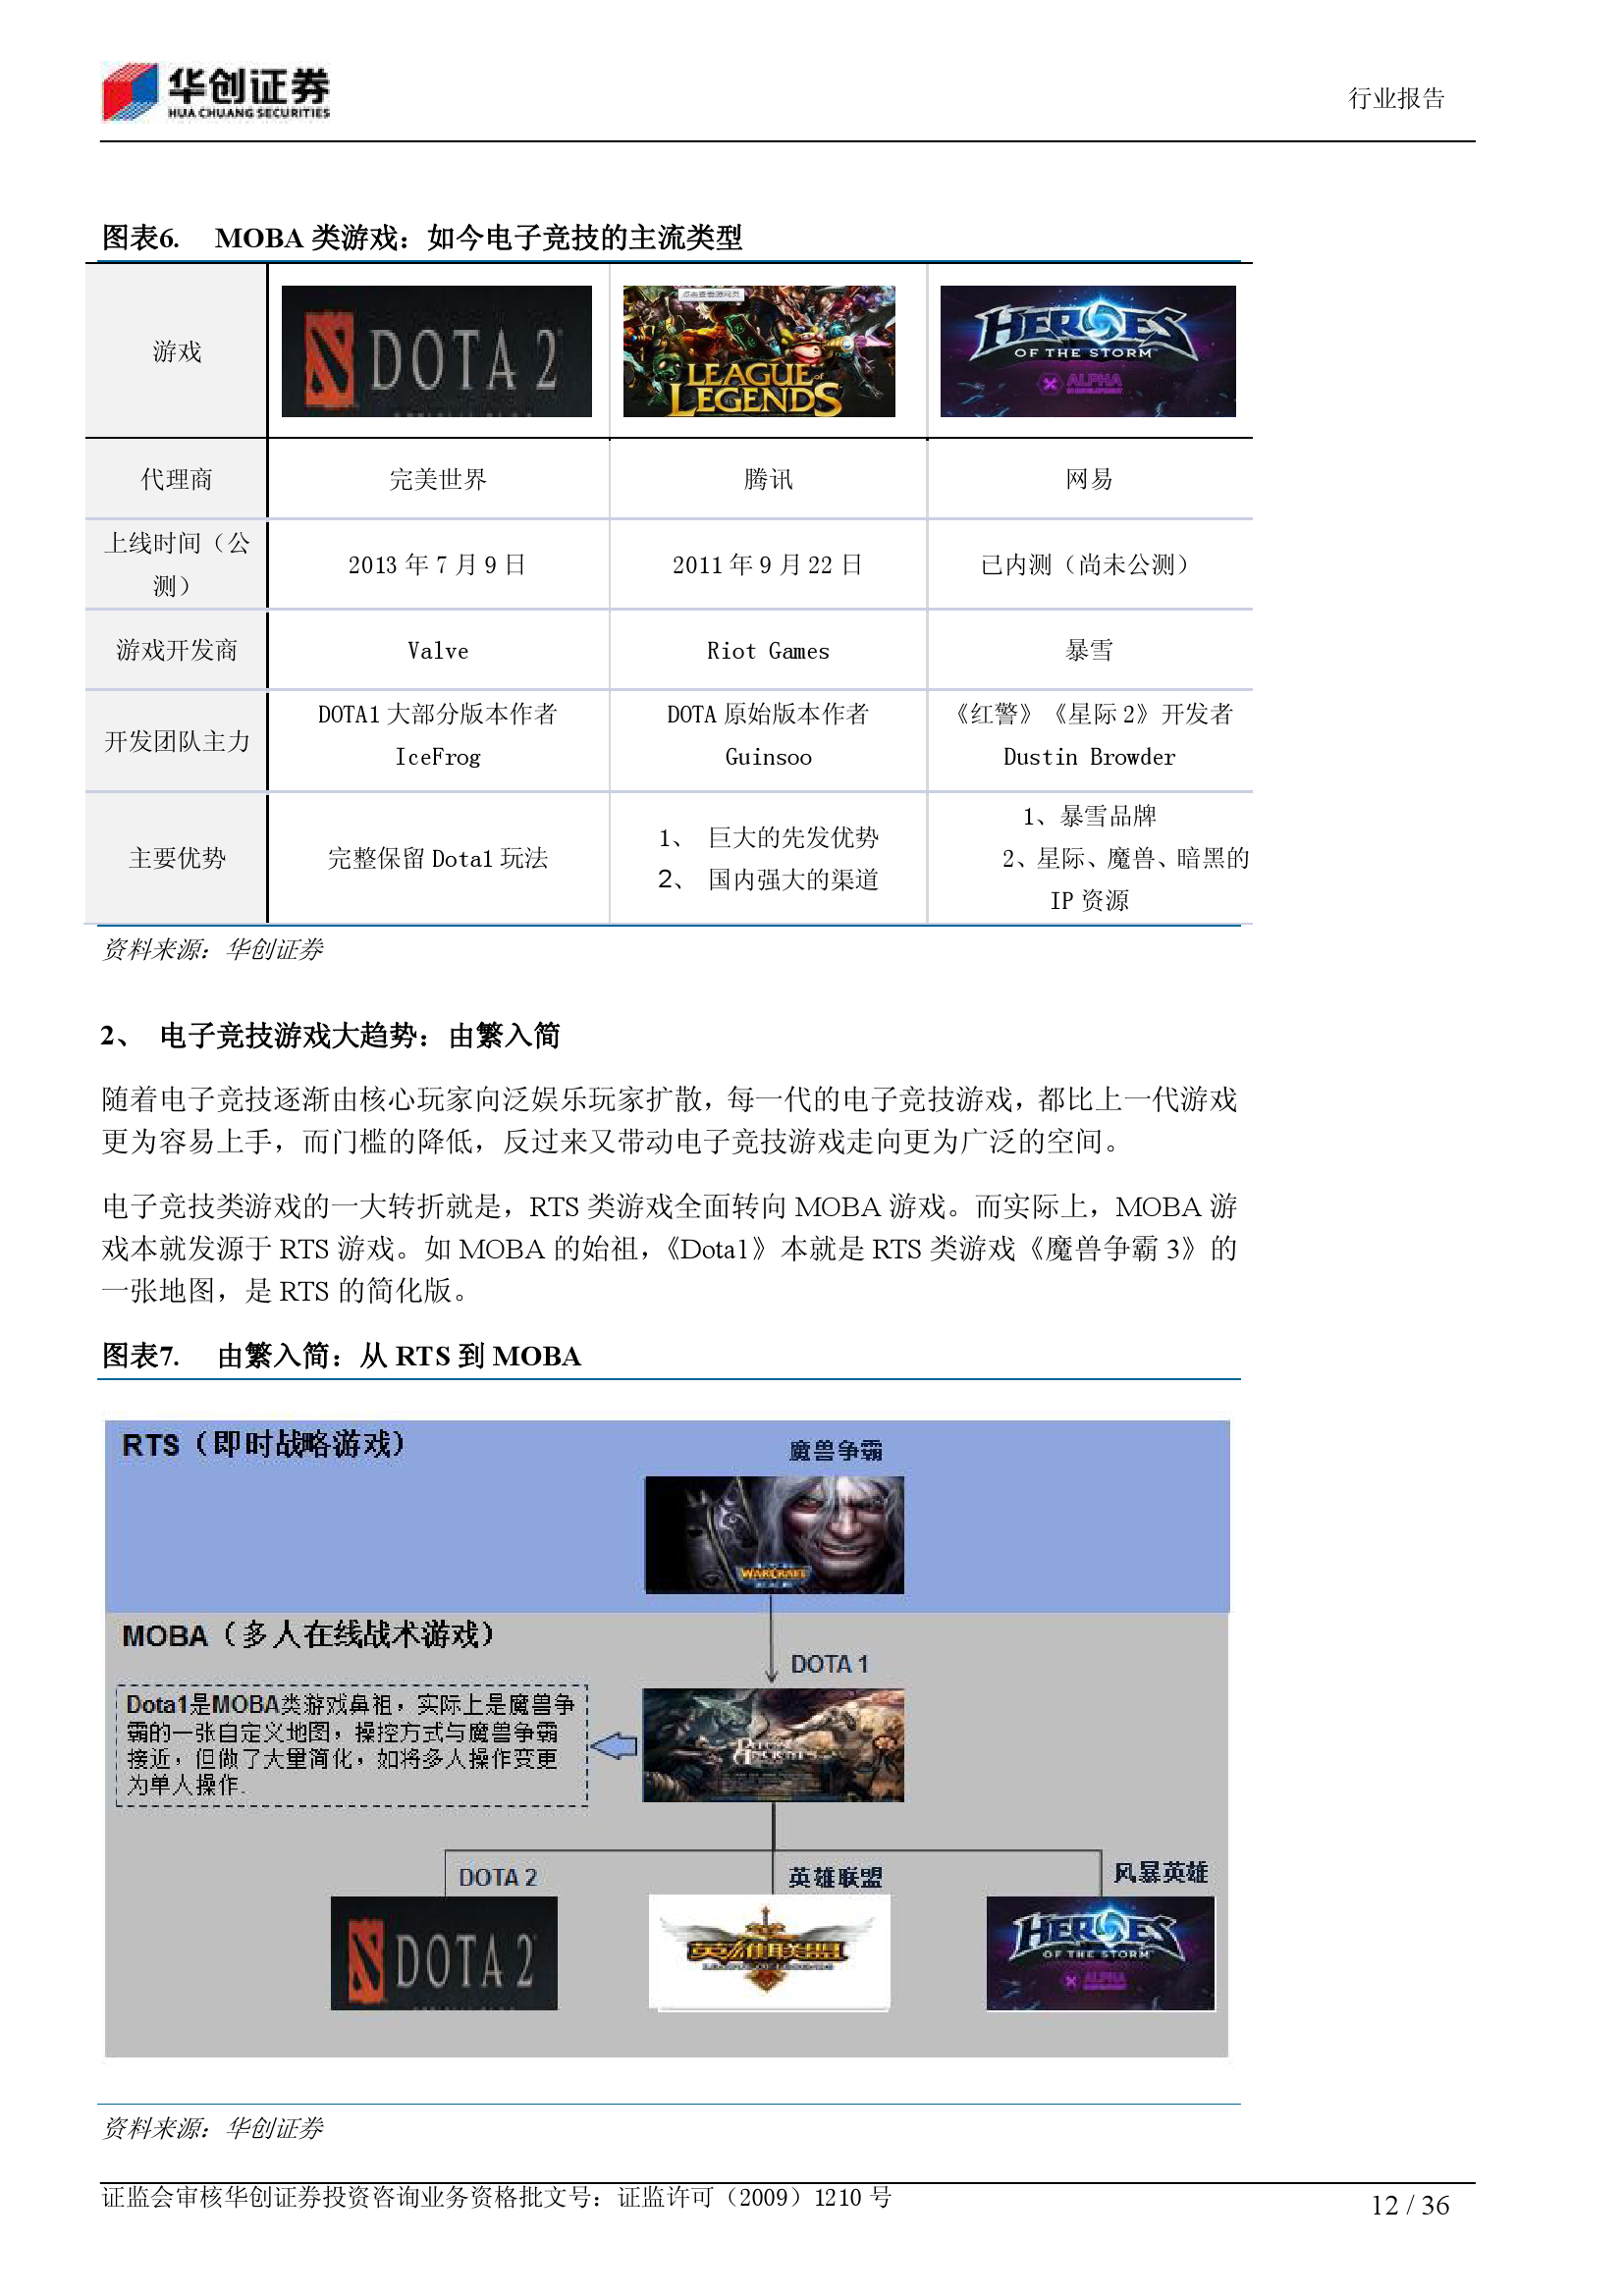 电子竞技深度报告:从小众娱乐 到千亿产业_000012